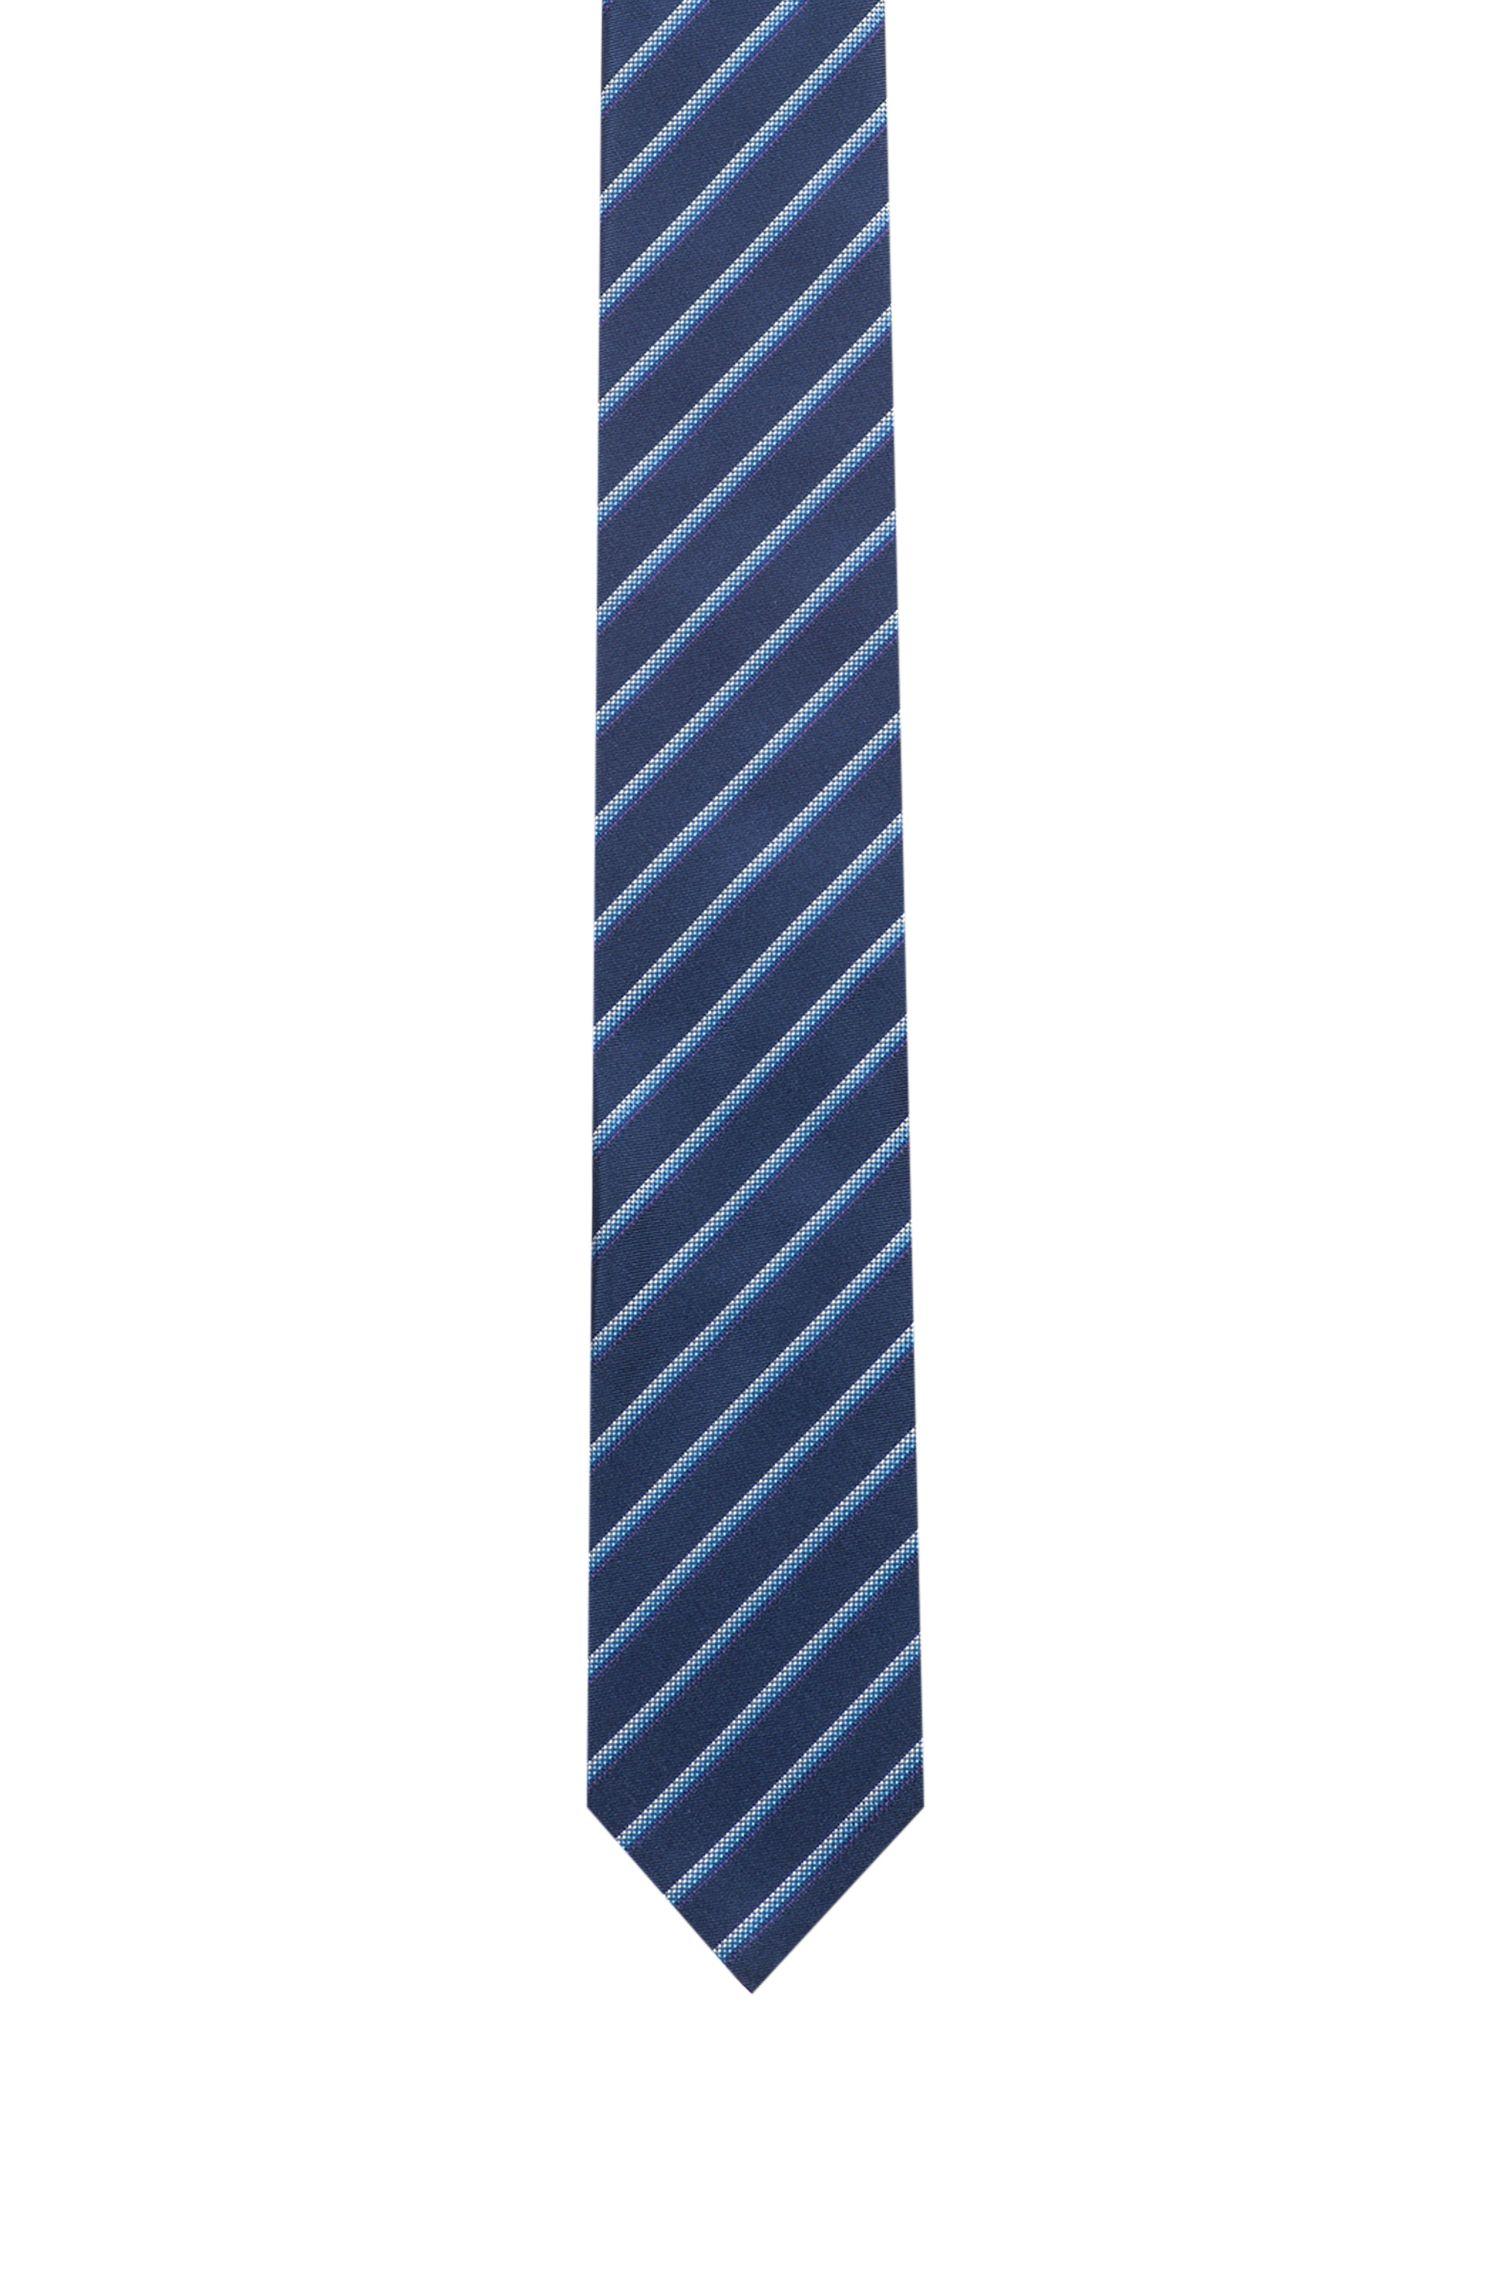 Cravatta in seta con righe diagonali